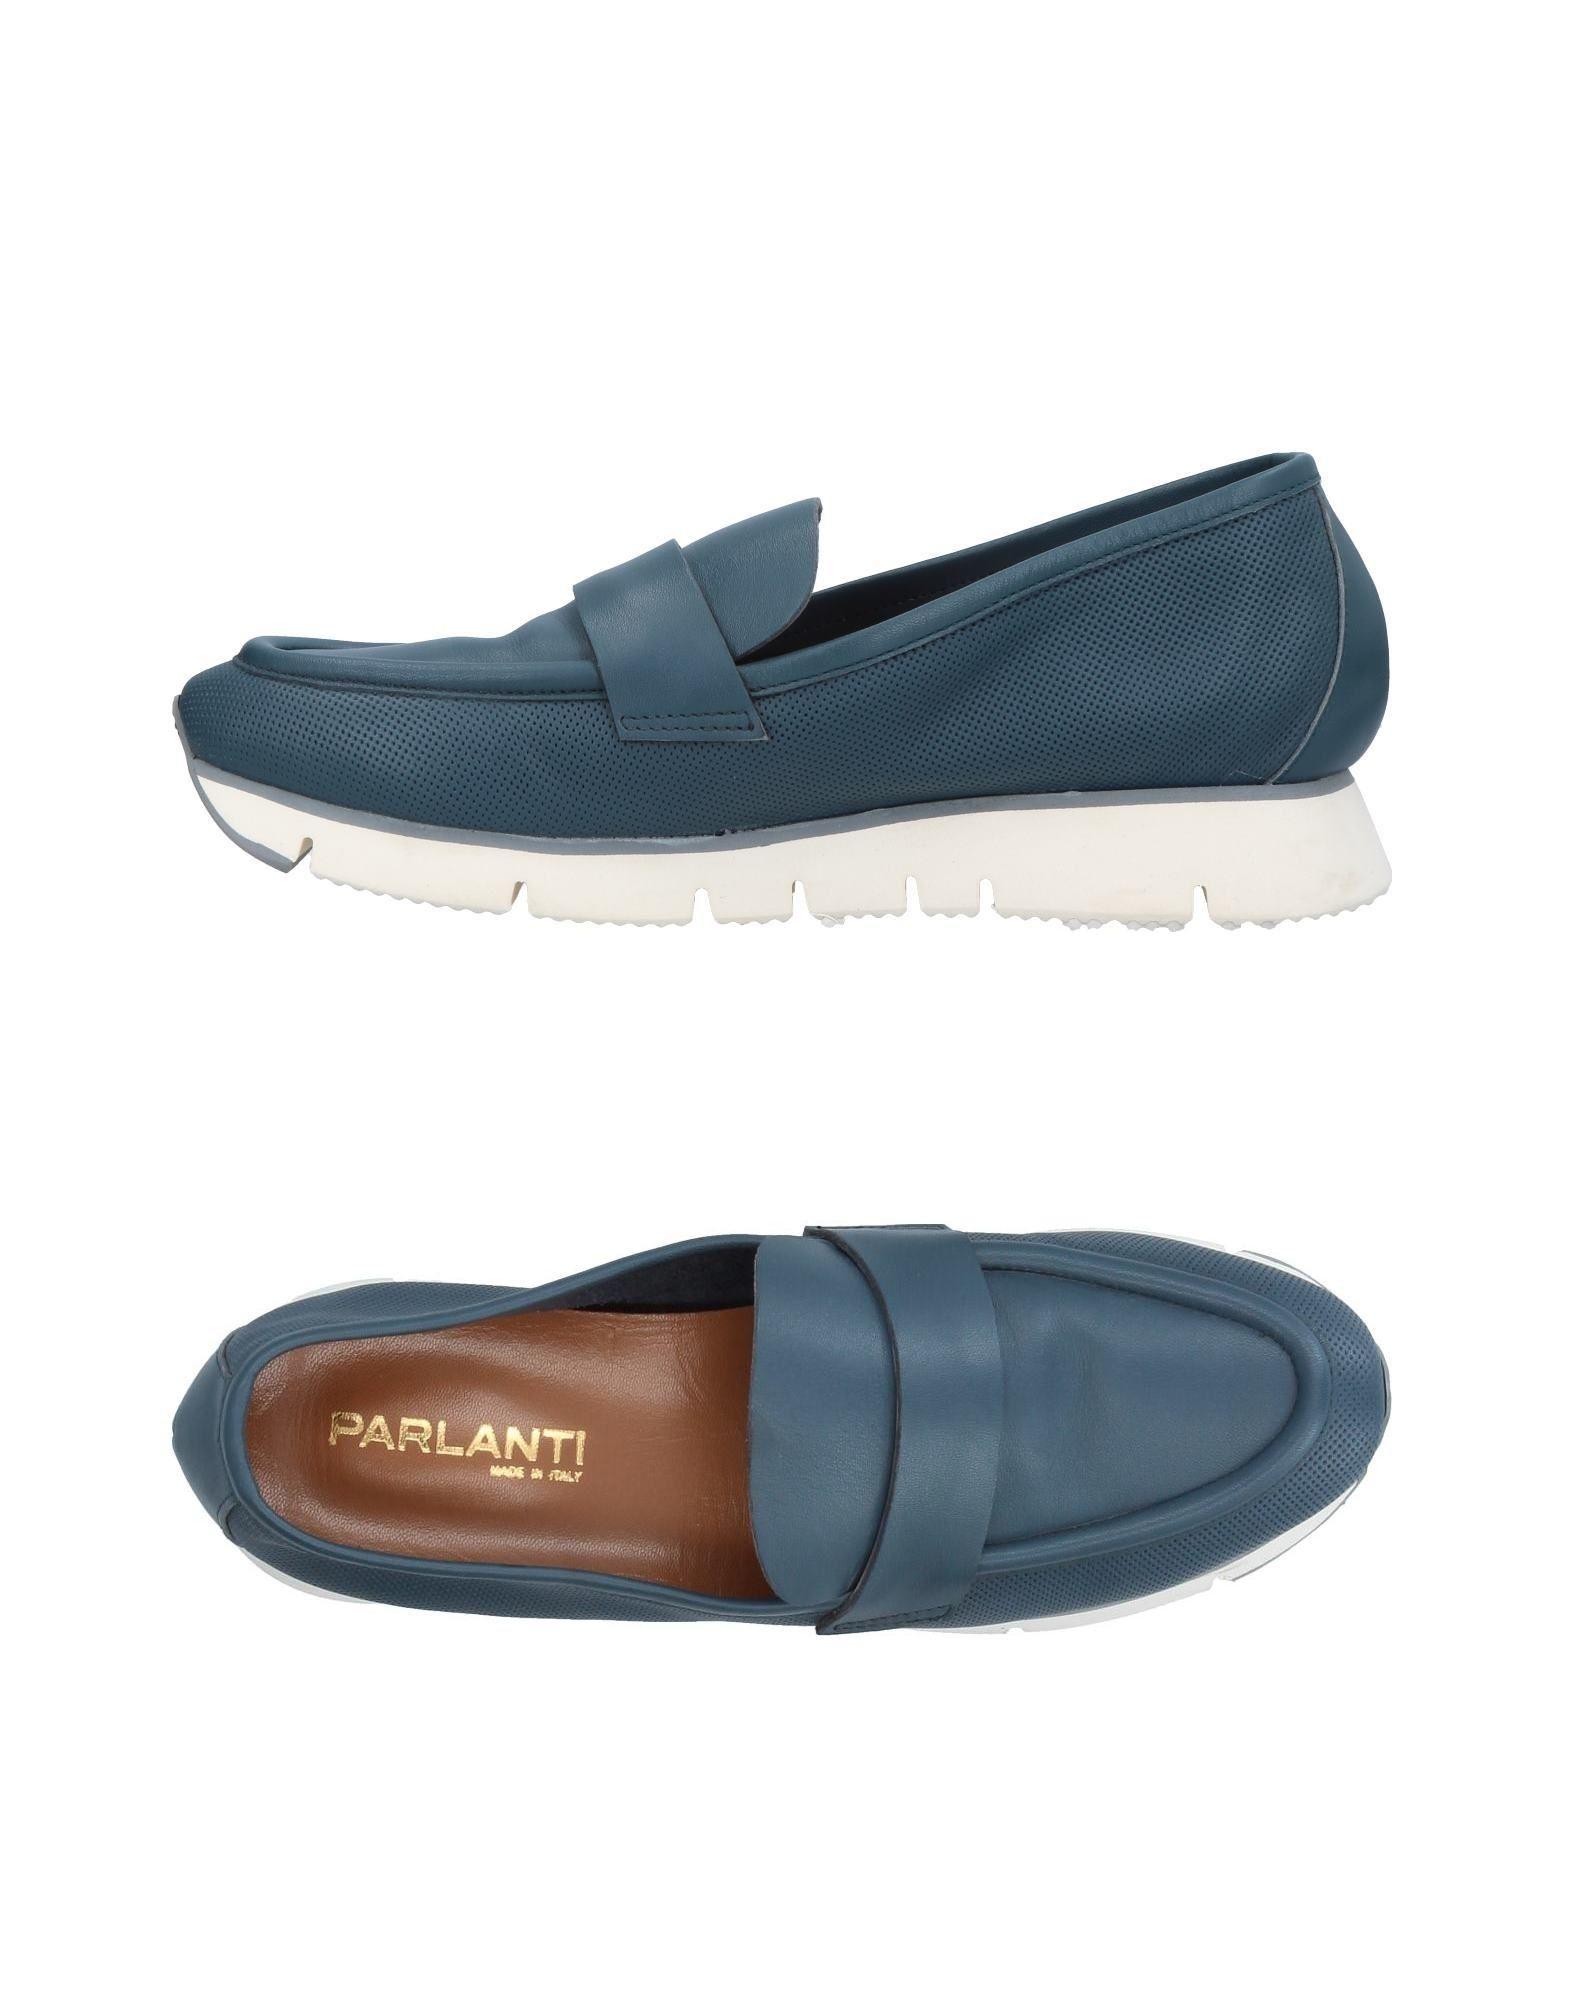 Parlanti Mokassins Damen  11400166PC Gute Qualität beliebte Schuhe